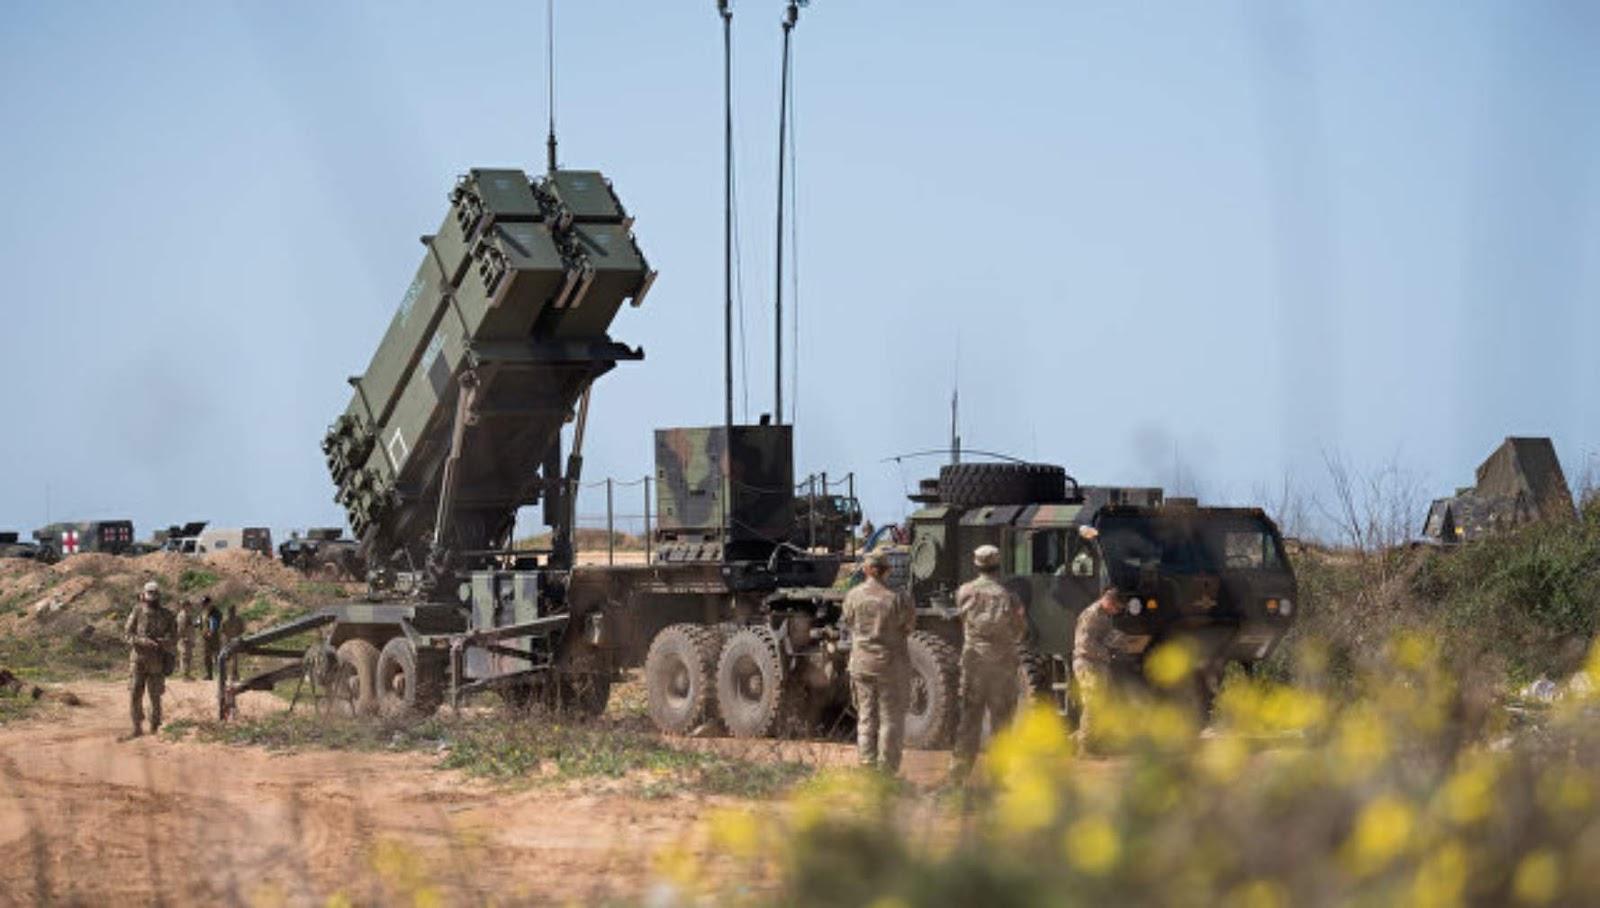 Arab Saudi membeli sistem pertahanan Iron Dome Israel